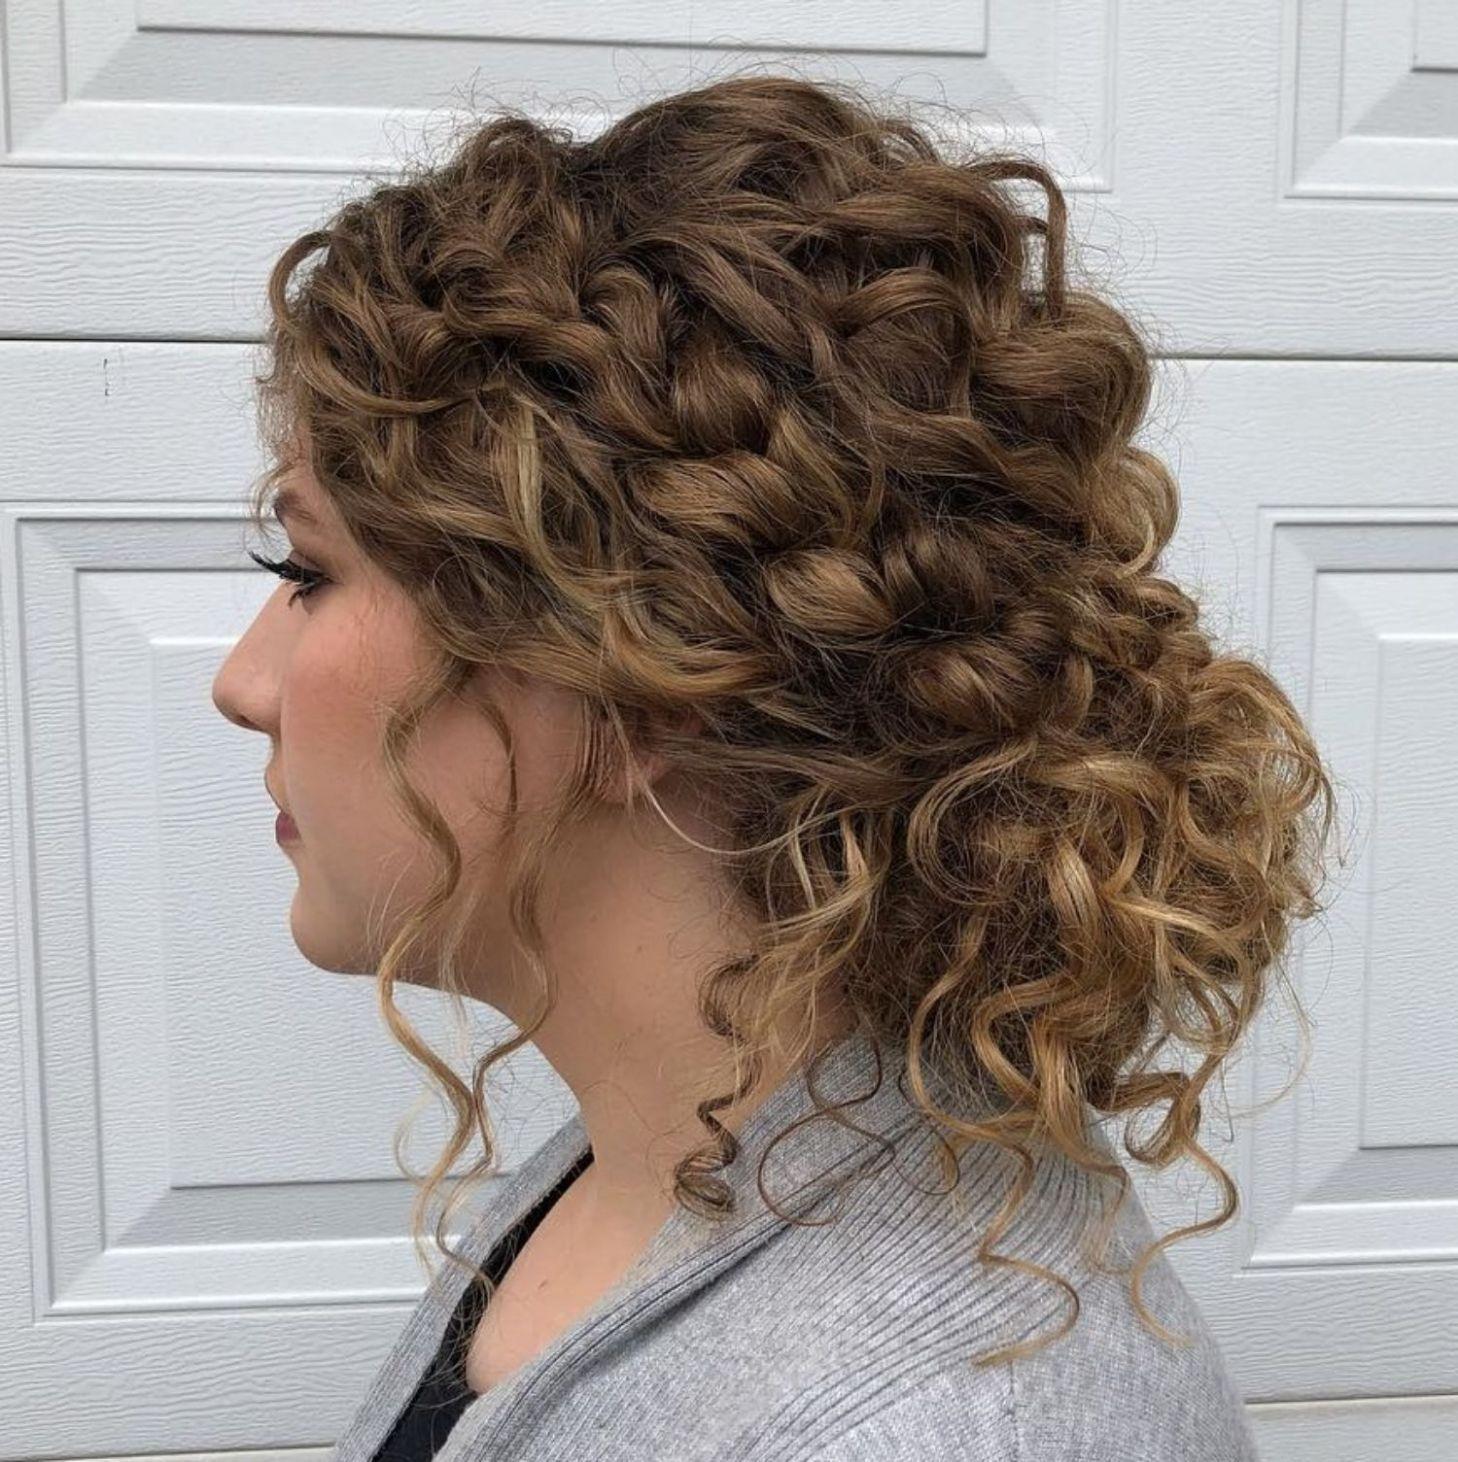 60 Stile Und Schnitte Fur Naturlich Lockiges Haar Fur Haar Lockiges Naturlich Schnitte Stile Und Lockige Haare Naturlich Lockig Naturlocken Frisuren